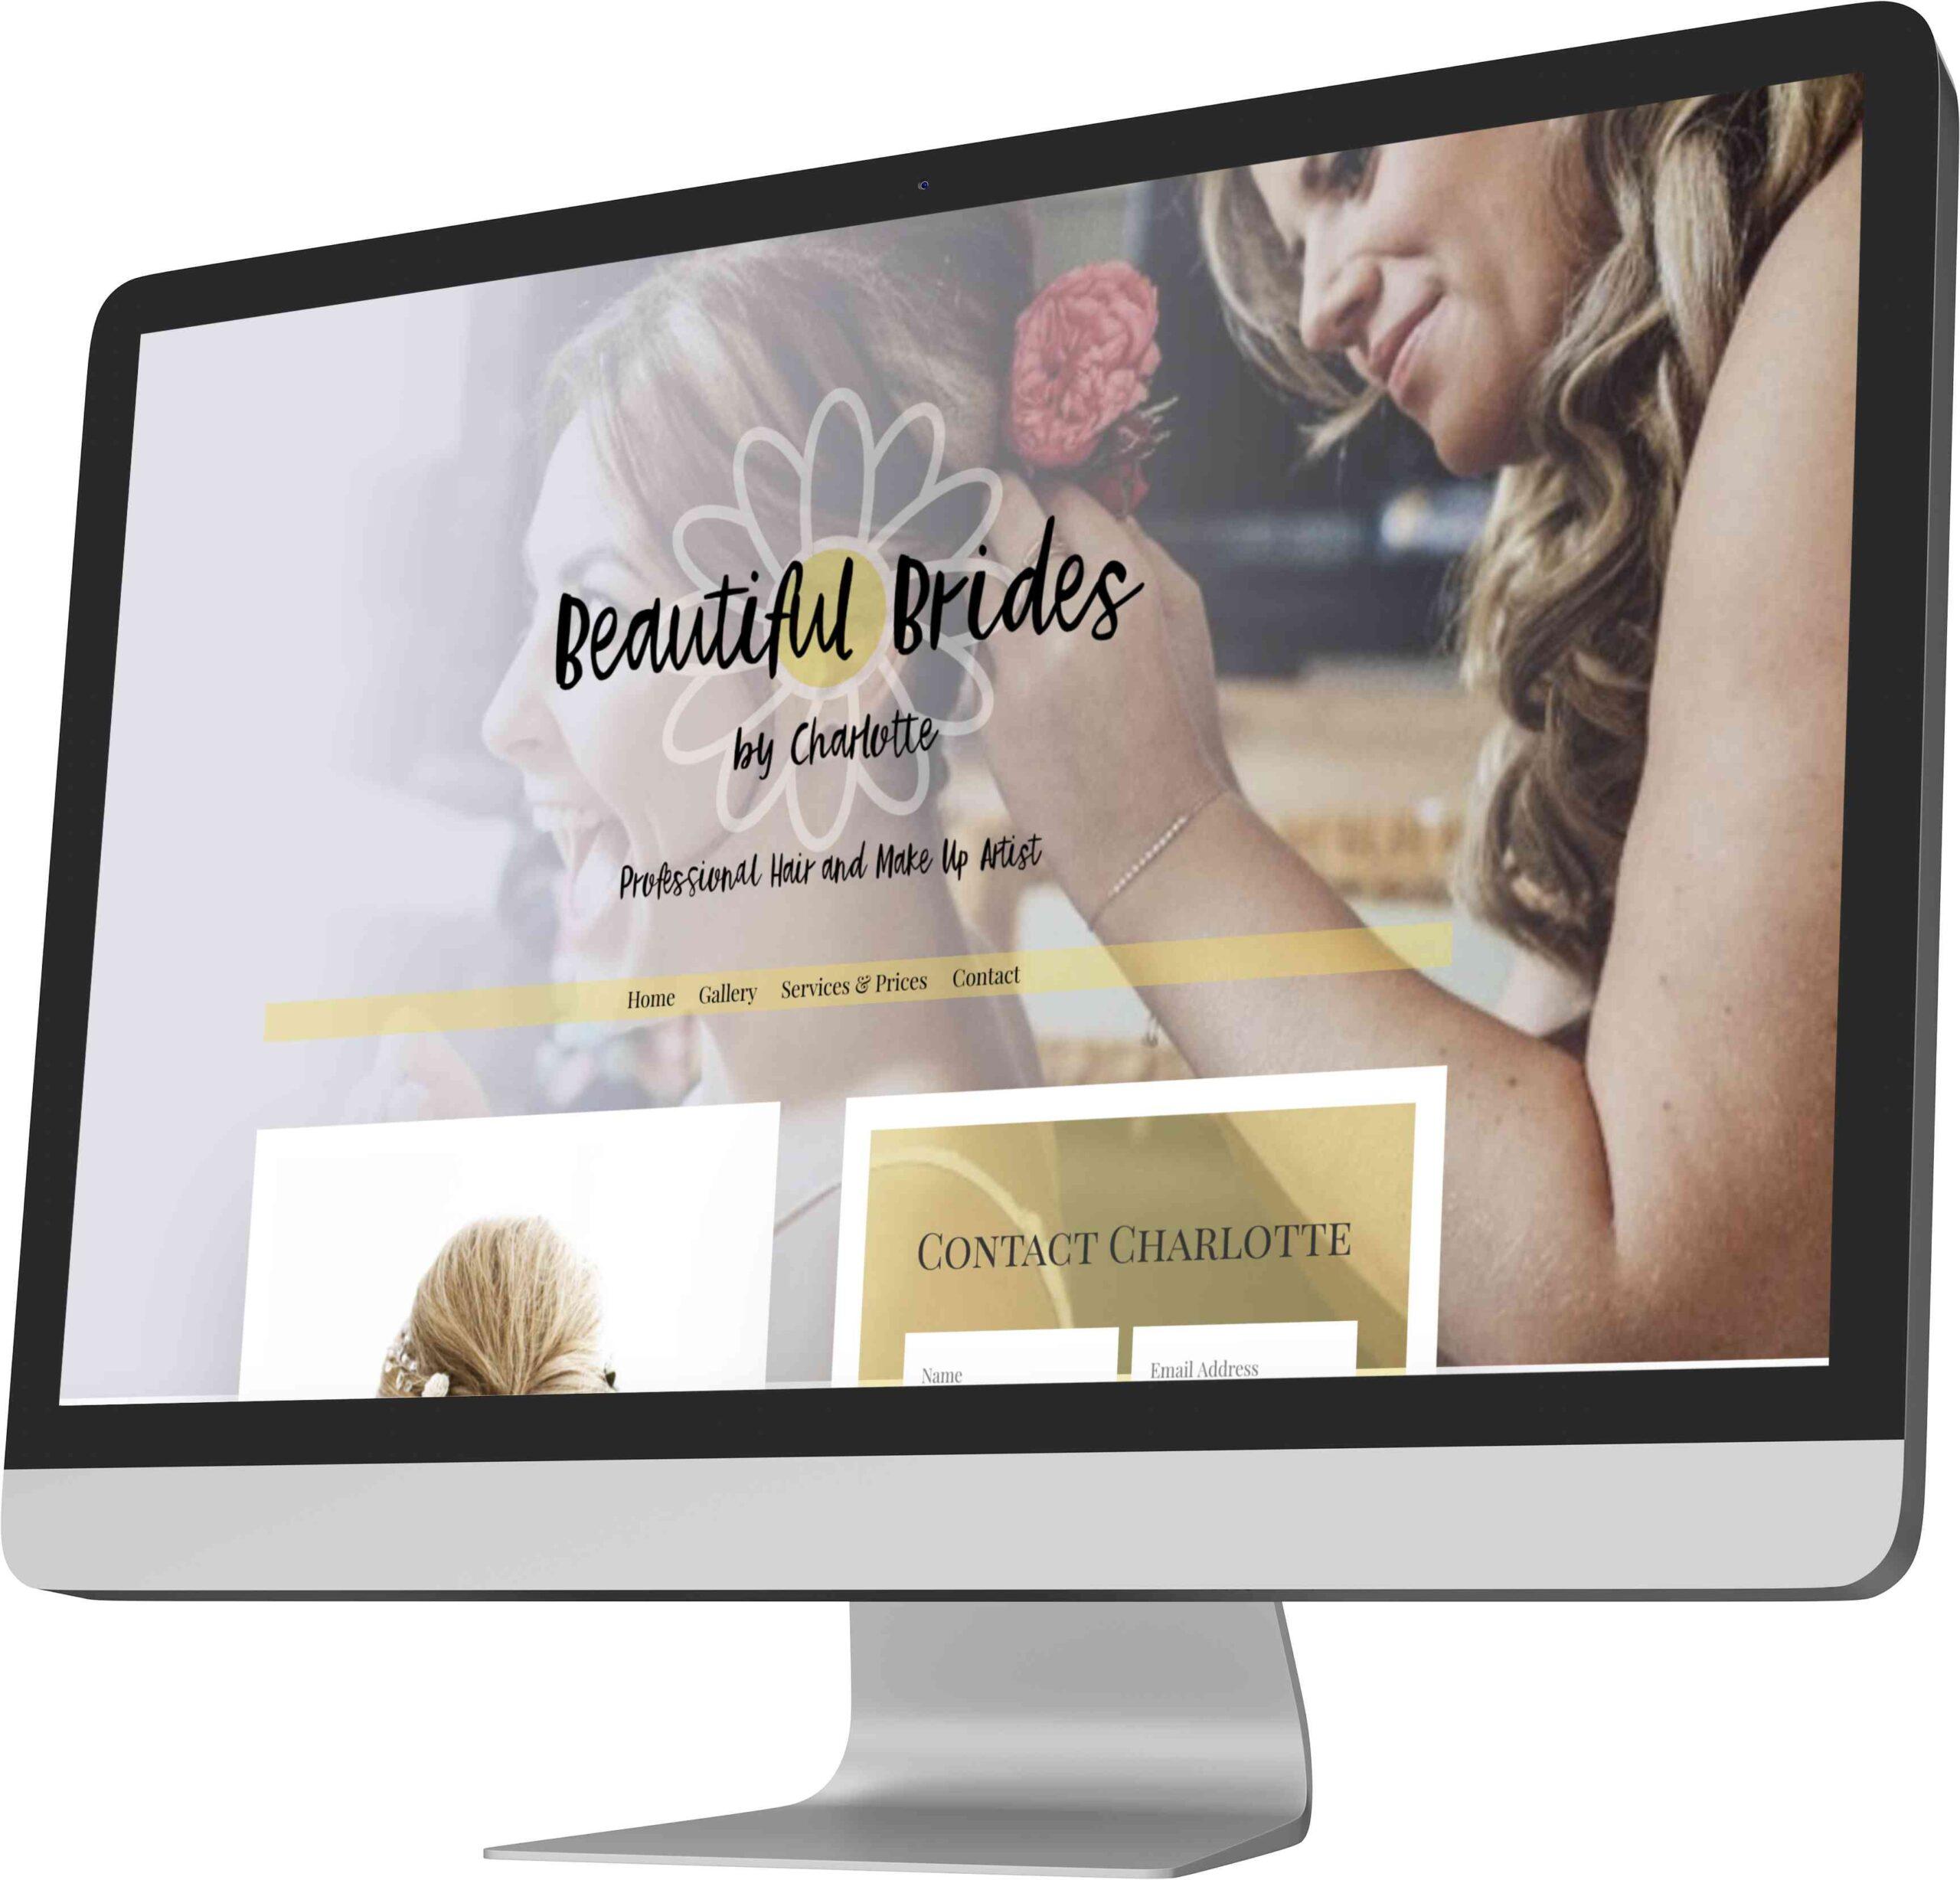 slab studio website designer lba contact screen shot